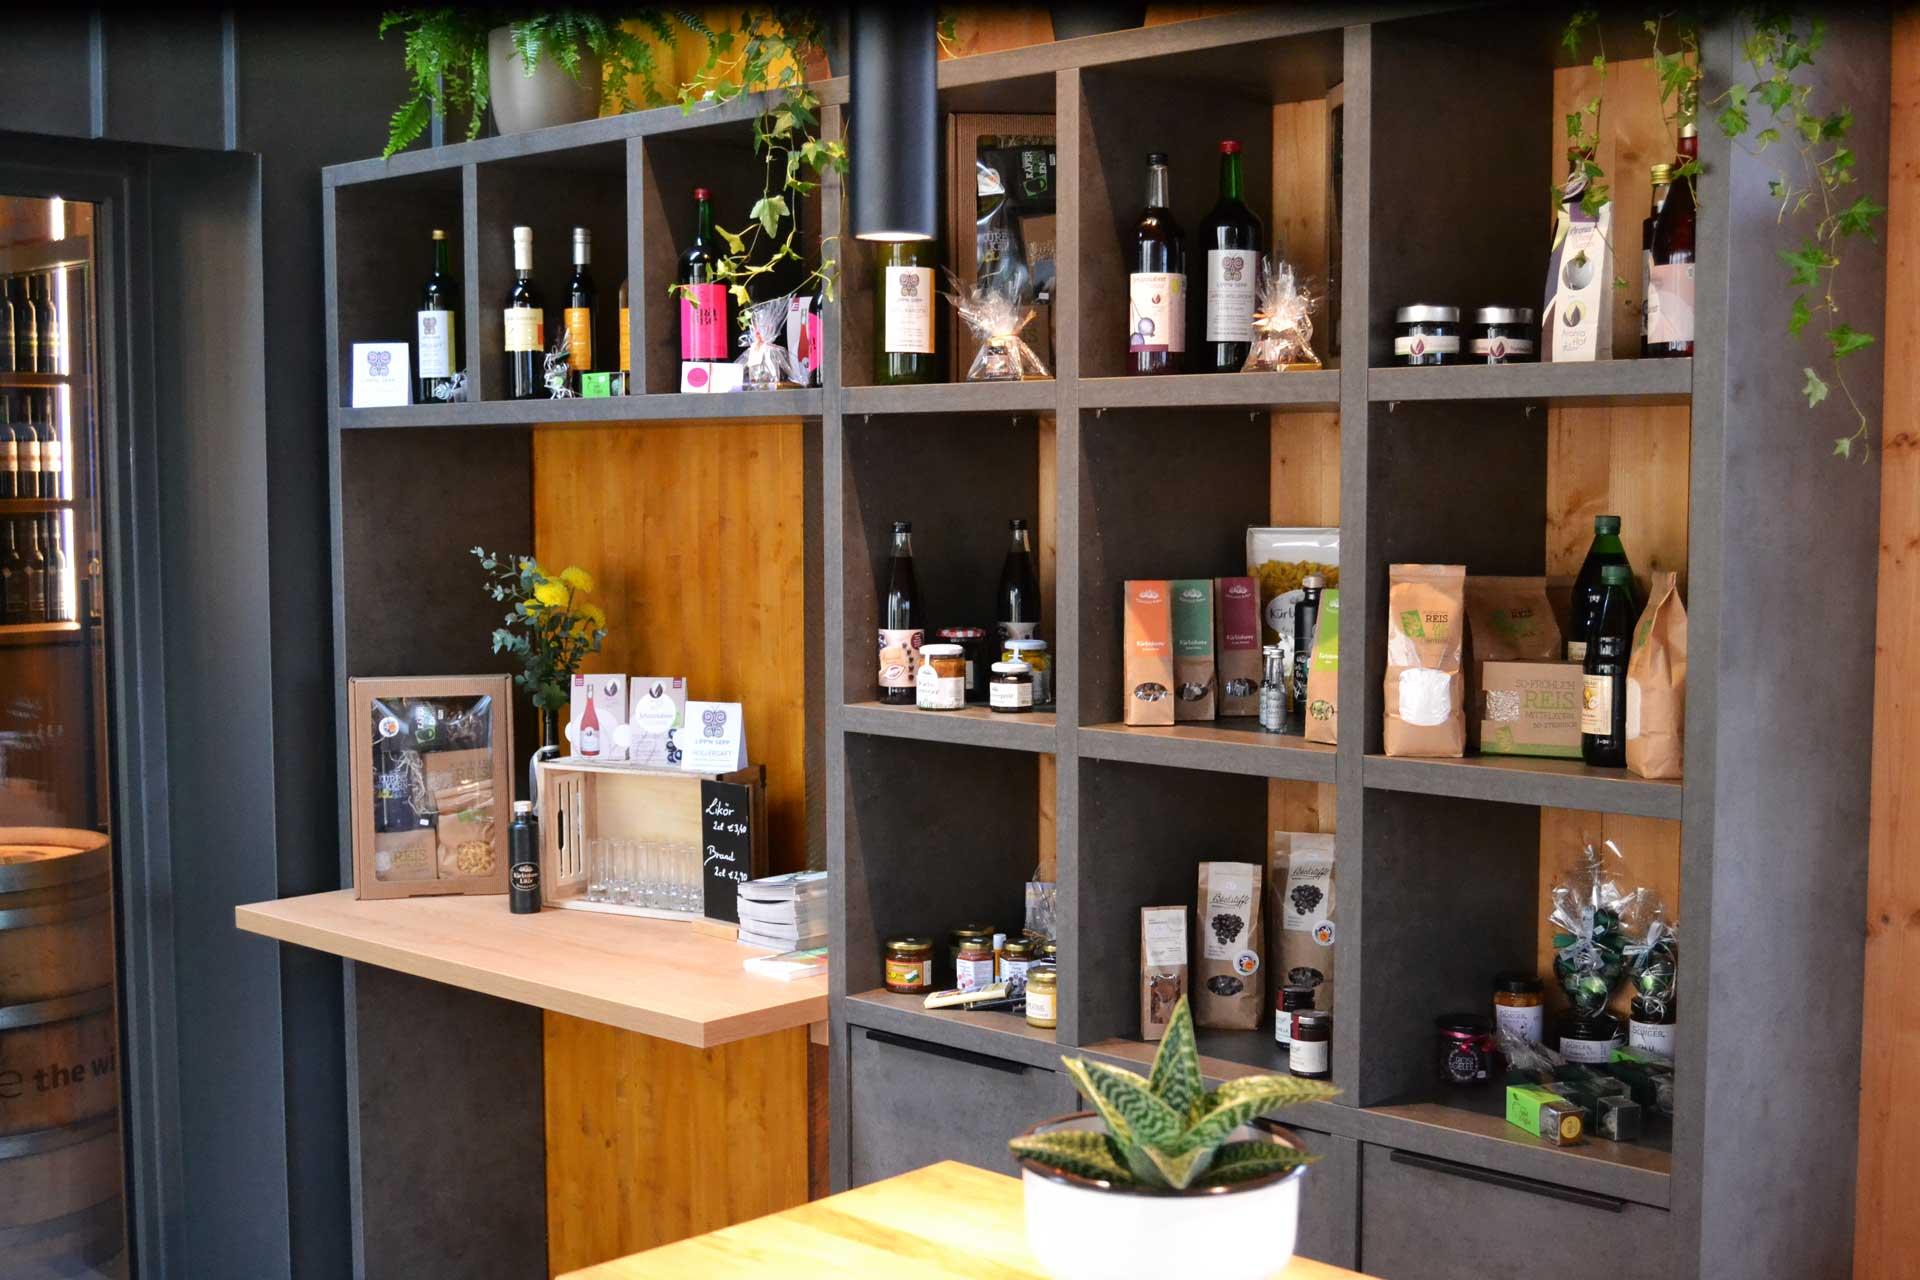 Sie sehen ein Regal mit Produkten aus dem Genussladen des JUFA Hotels Tieschen - Bio-Landerlebnis***. Der Ort für erlebnisreichen Natururlaub für die ganze Familie.